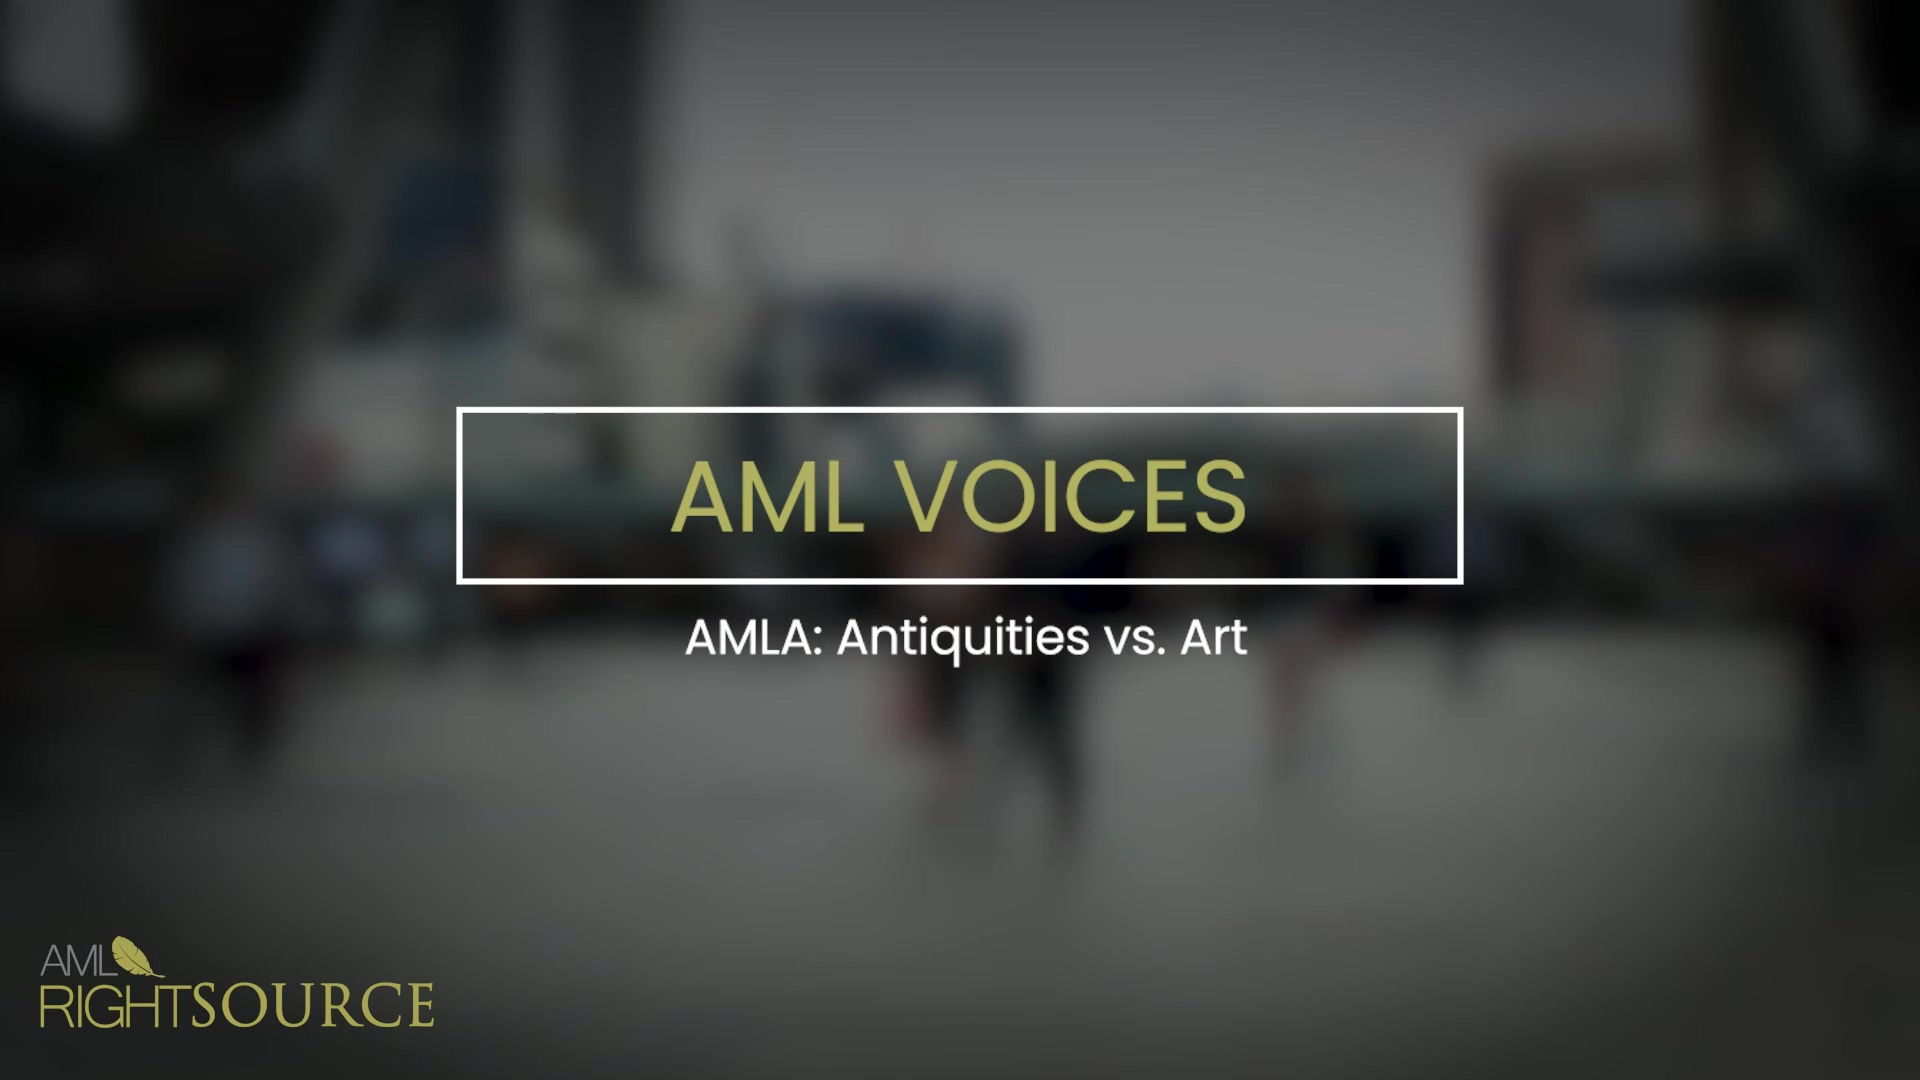 AMLA Antiquities vs. Art